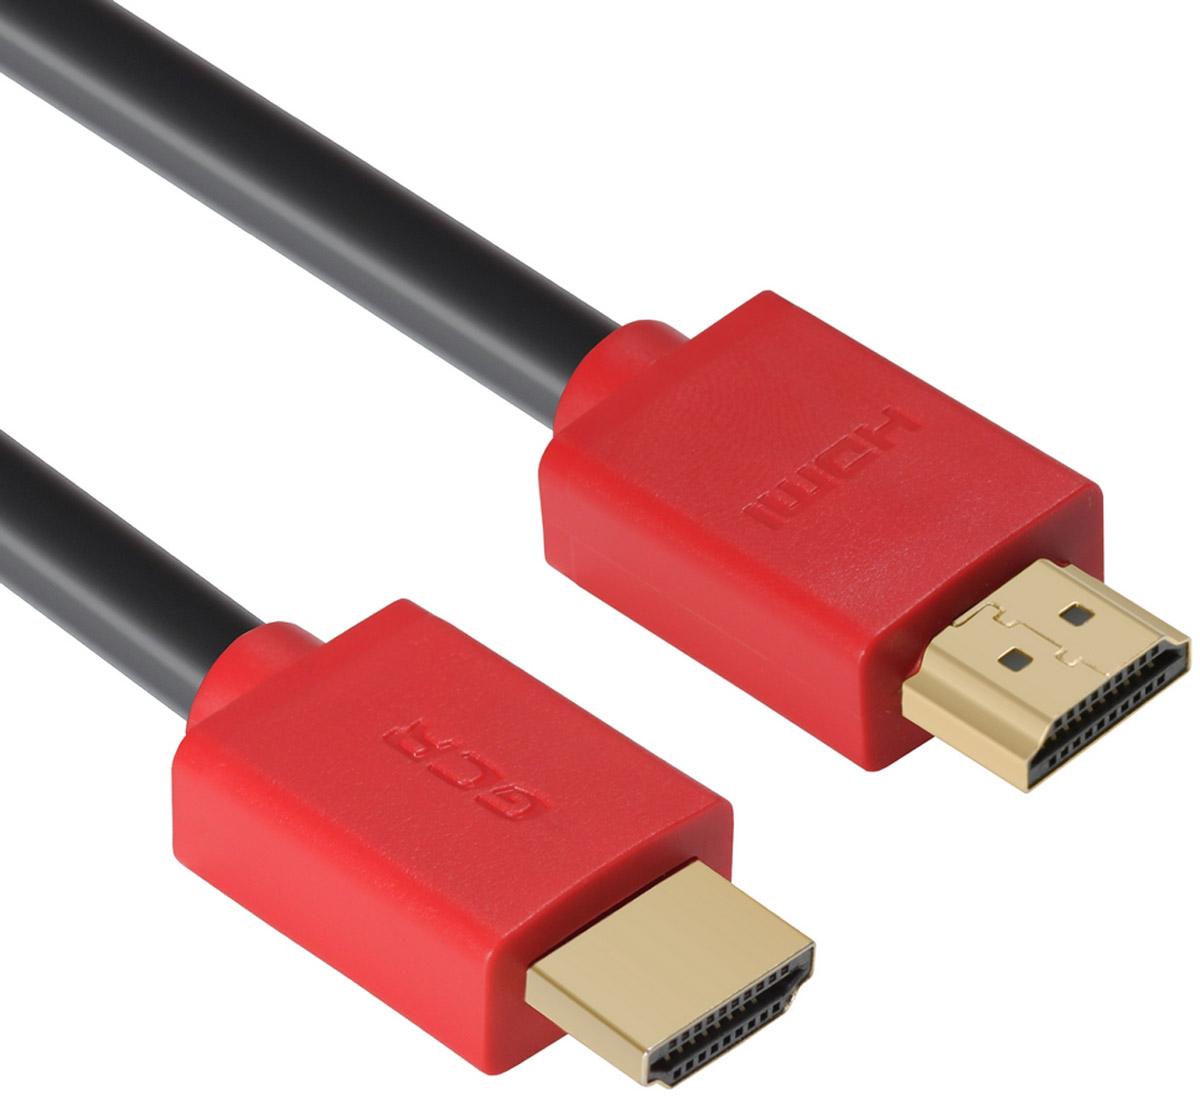 Greenconnect Russia GCR-HM451, Black Red кабель HDMI v 2.0 (5 м)GCR-HM451-5.0mКабель HDMI v 2.0 Greenconnect Russia GCR-HM451 - отличное решение для подключения компьютера, игровых консолей, DVD и Blu-ray плееров, аудио-ресиверов к телевизору или дополнительному монитору. Кабель HDMI поддерживает как стандартные, так и высокие разрешения самых современных моделей телевизоров.Кабель оснащен двунаправленным каналом для передачи сетевых данных, который подходит для использования IP-приложениями. Канал Ethernet позволяет нескольким устройствам работать в сети Ethernet без необходимости подключения дополнительных проводов, а также напрямую обмениваться контентом. Наличие обратного канала аудио устраняет необходимость в отдельном проводе для передачи звука в ресивер с телевизора или другого устройства, которое является одновременно источником аудио и видео.